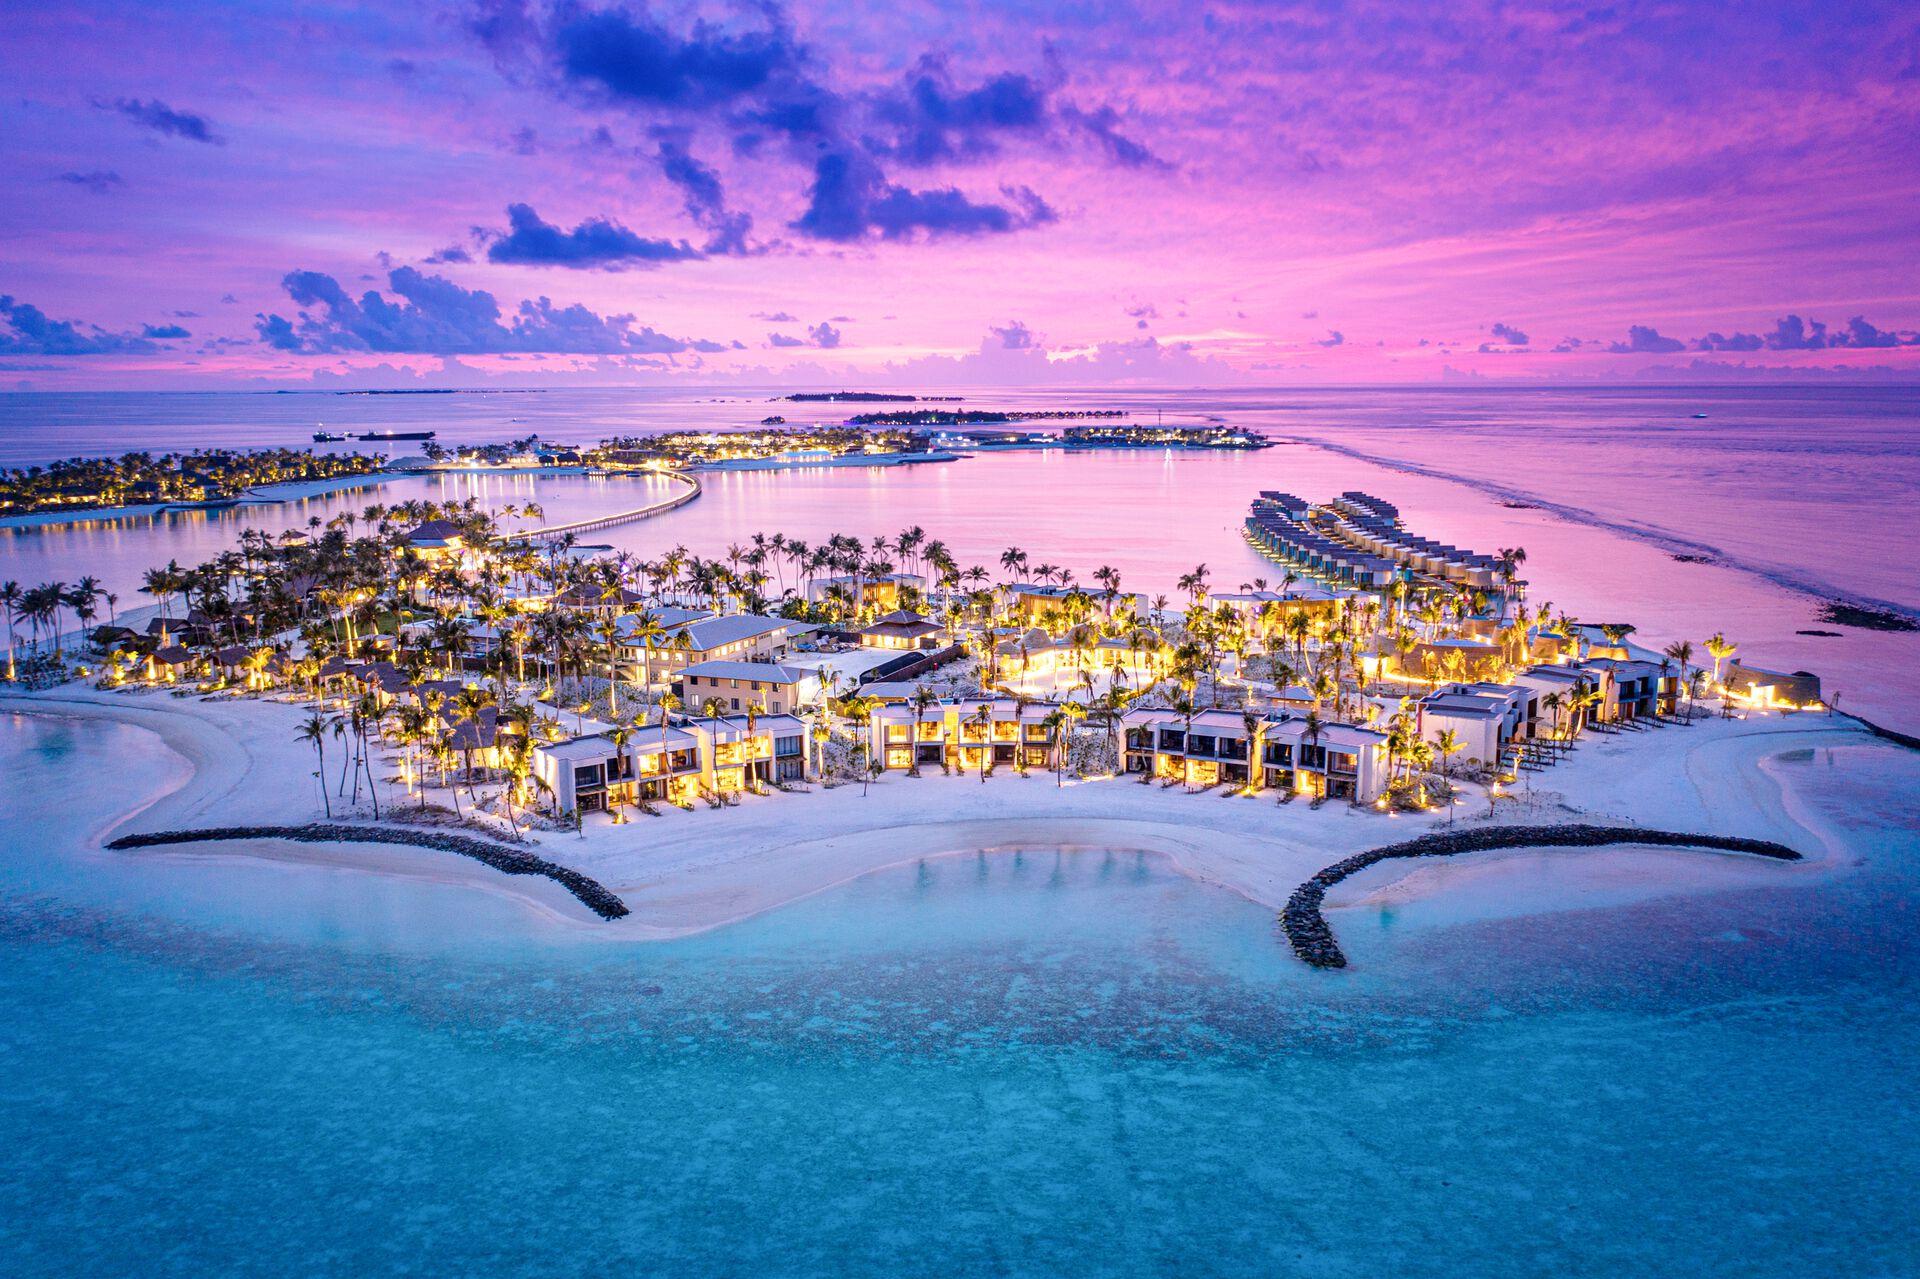 Hard Rock Hotel Maldives - 5*